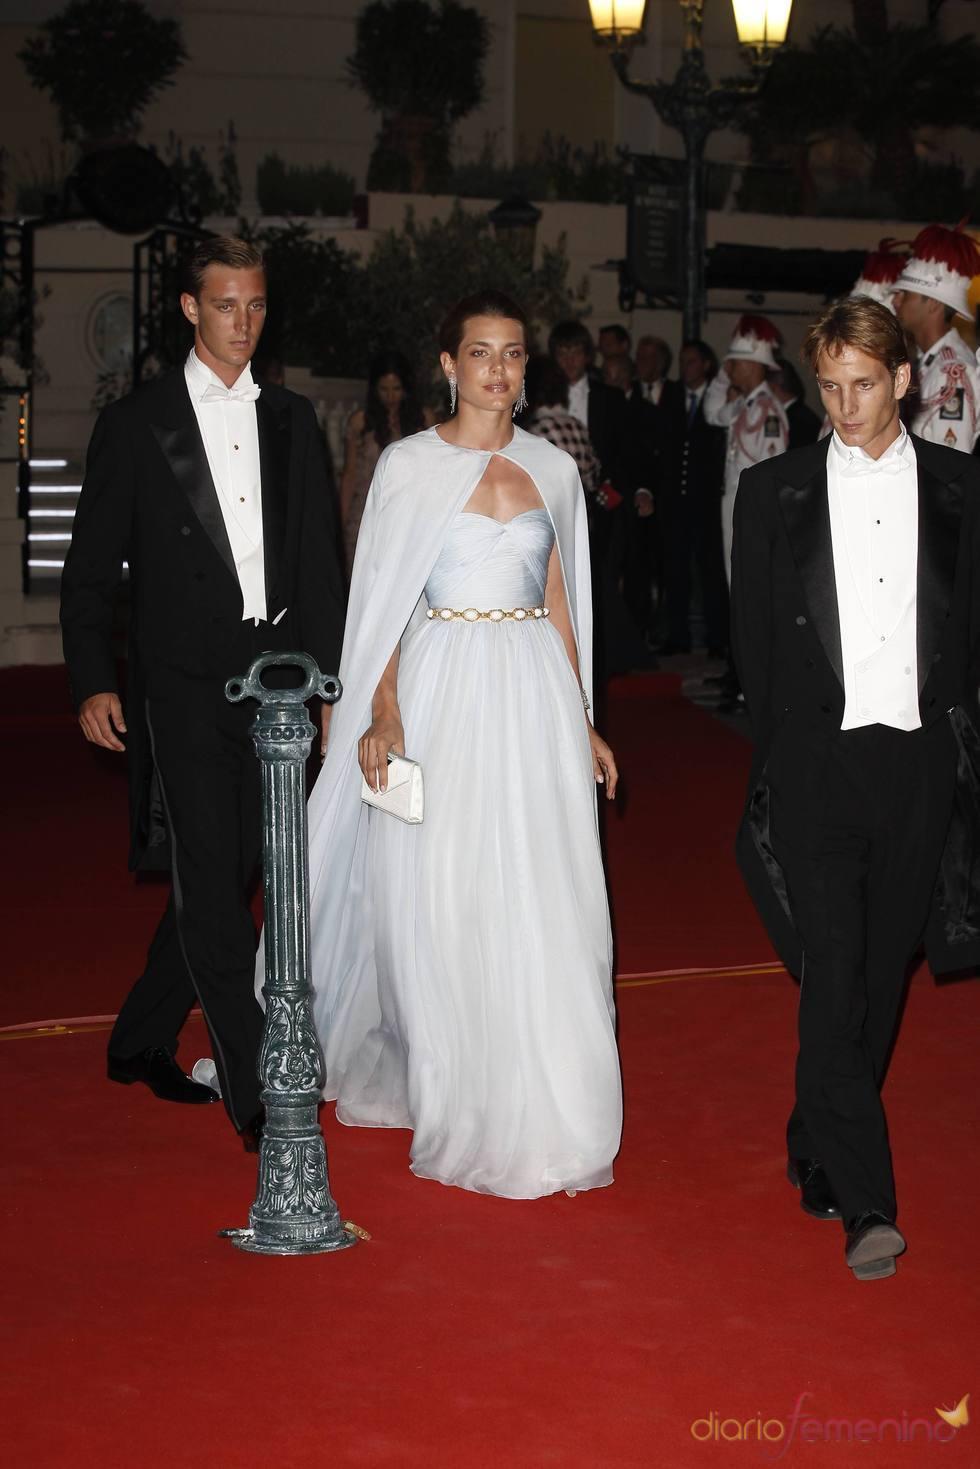 Pierre, Andrea y Carlota Casiraghi en la cena de gala de la Boda Real de Mónaco